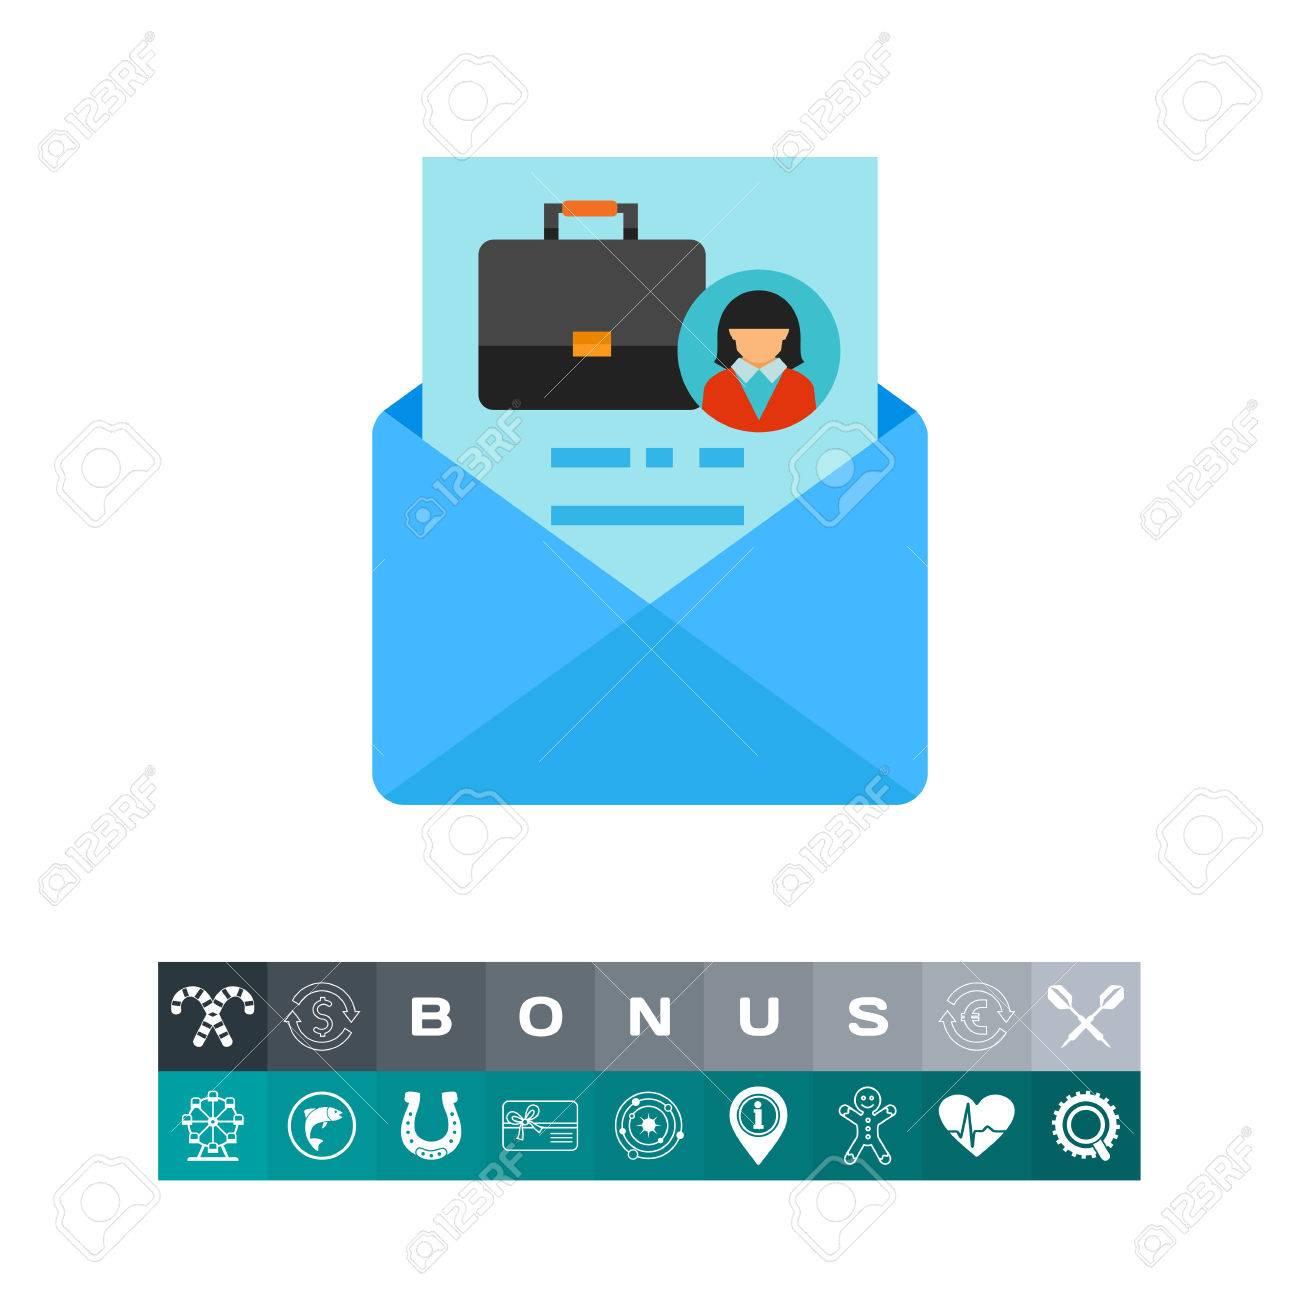 Une Icone De Vecteur D Enveloppe Avec Lettre De Motivation Cv